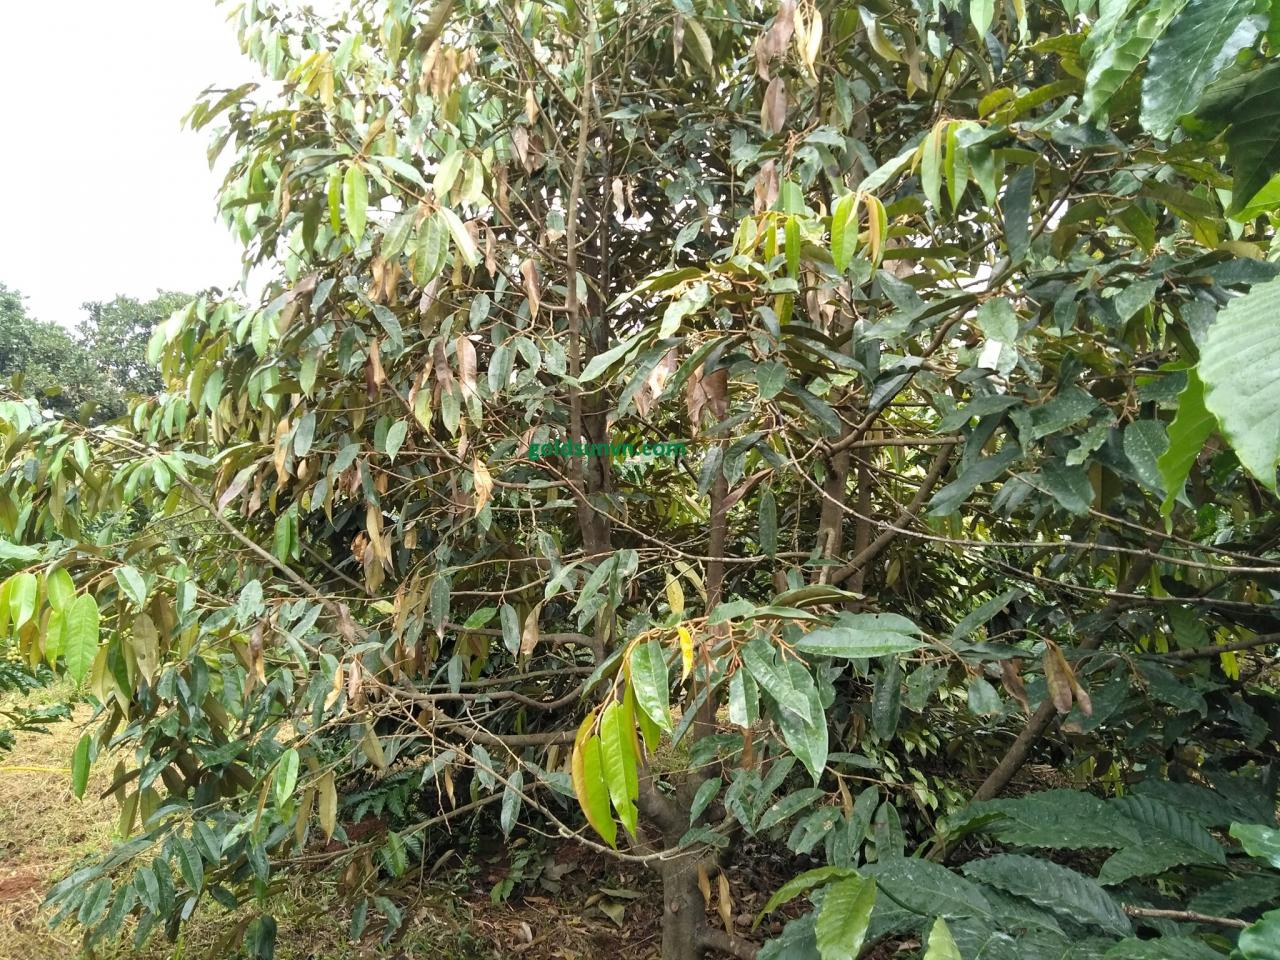 Bệnh cháy lá lá luộc nước sôi do nấm Rhizoctonia solani gây ra